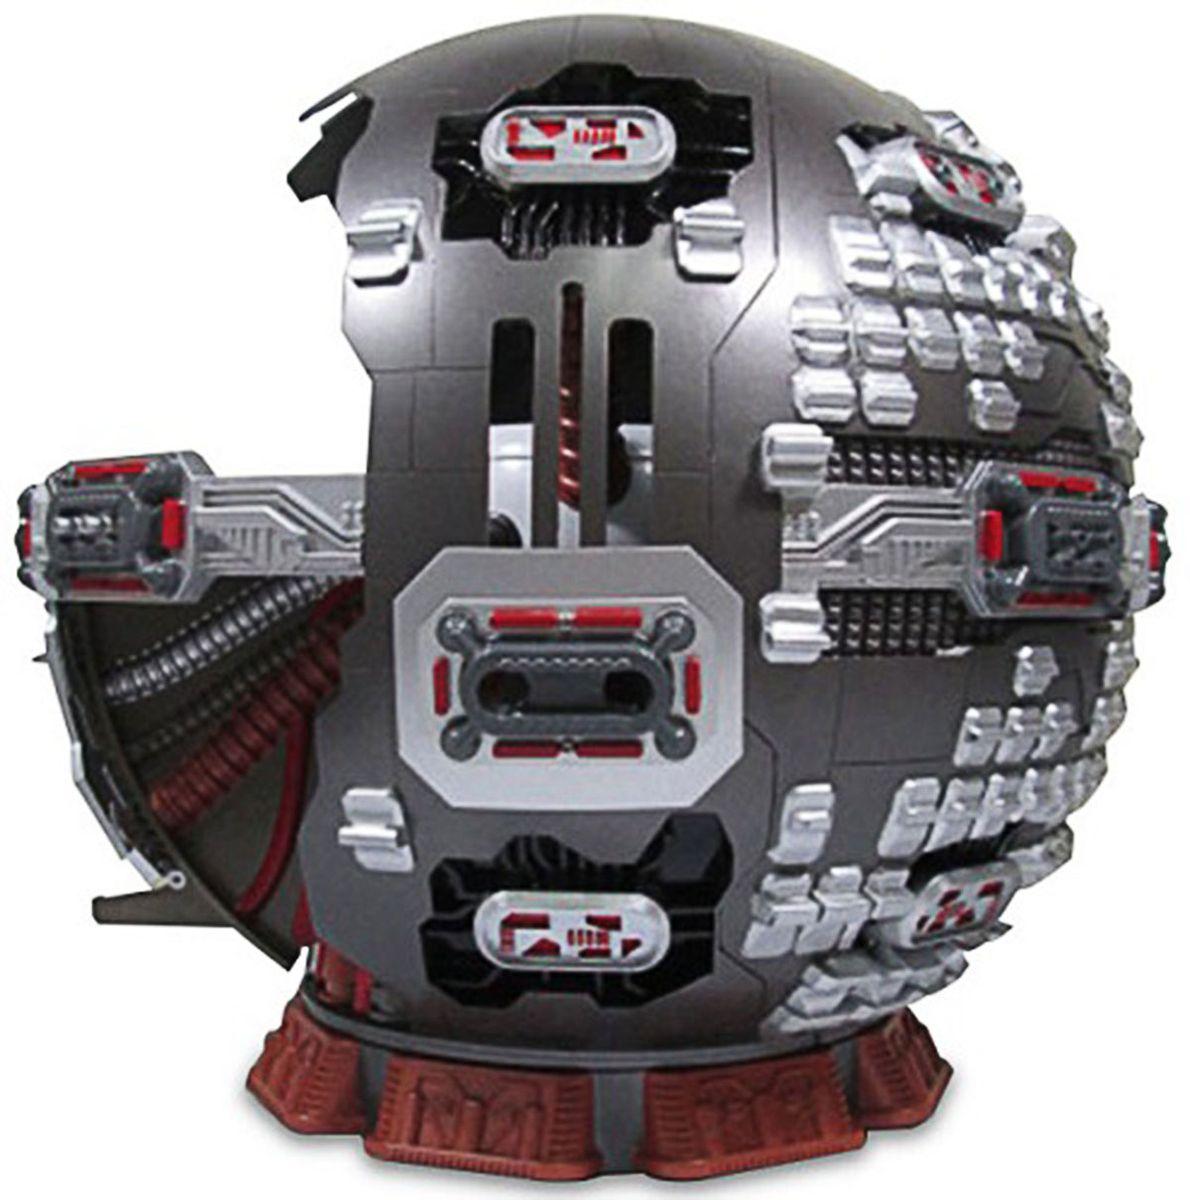 Черепашки Ниндзя Игровой набор Технодром89806Игровой набор 50-60 см в диаметре, различные функции, скрытые ловушки. Имеет потайной вход, потайной трап, потайную активируемую дверь, стреляет ракетами.